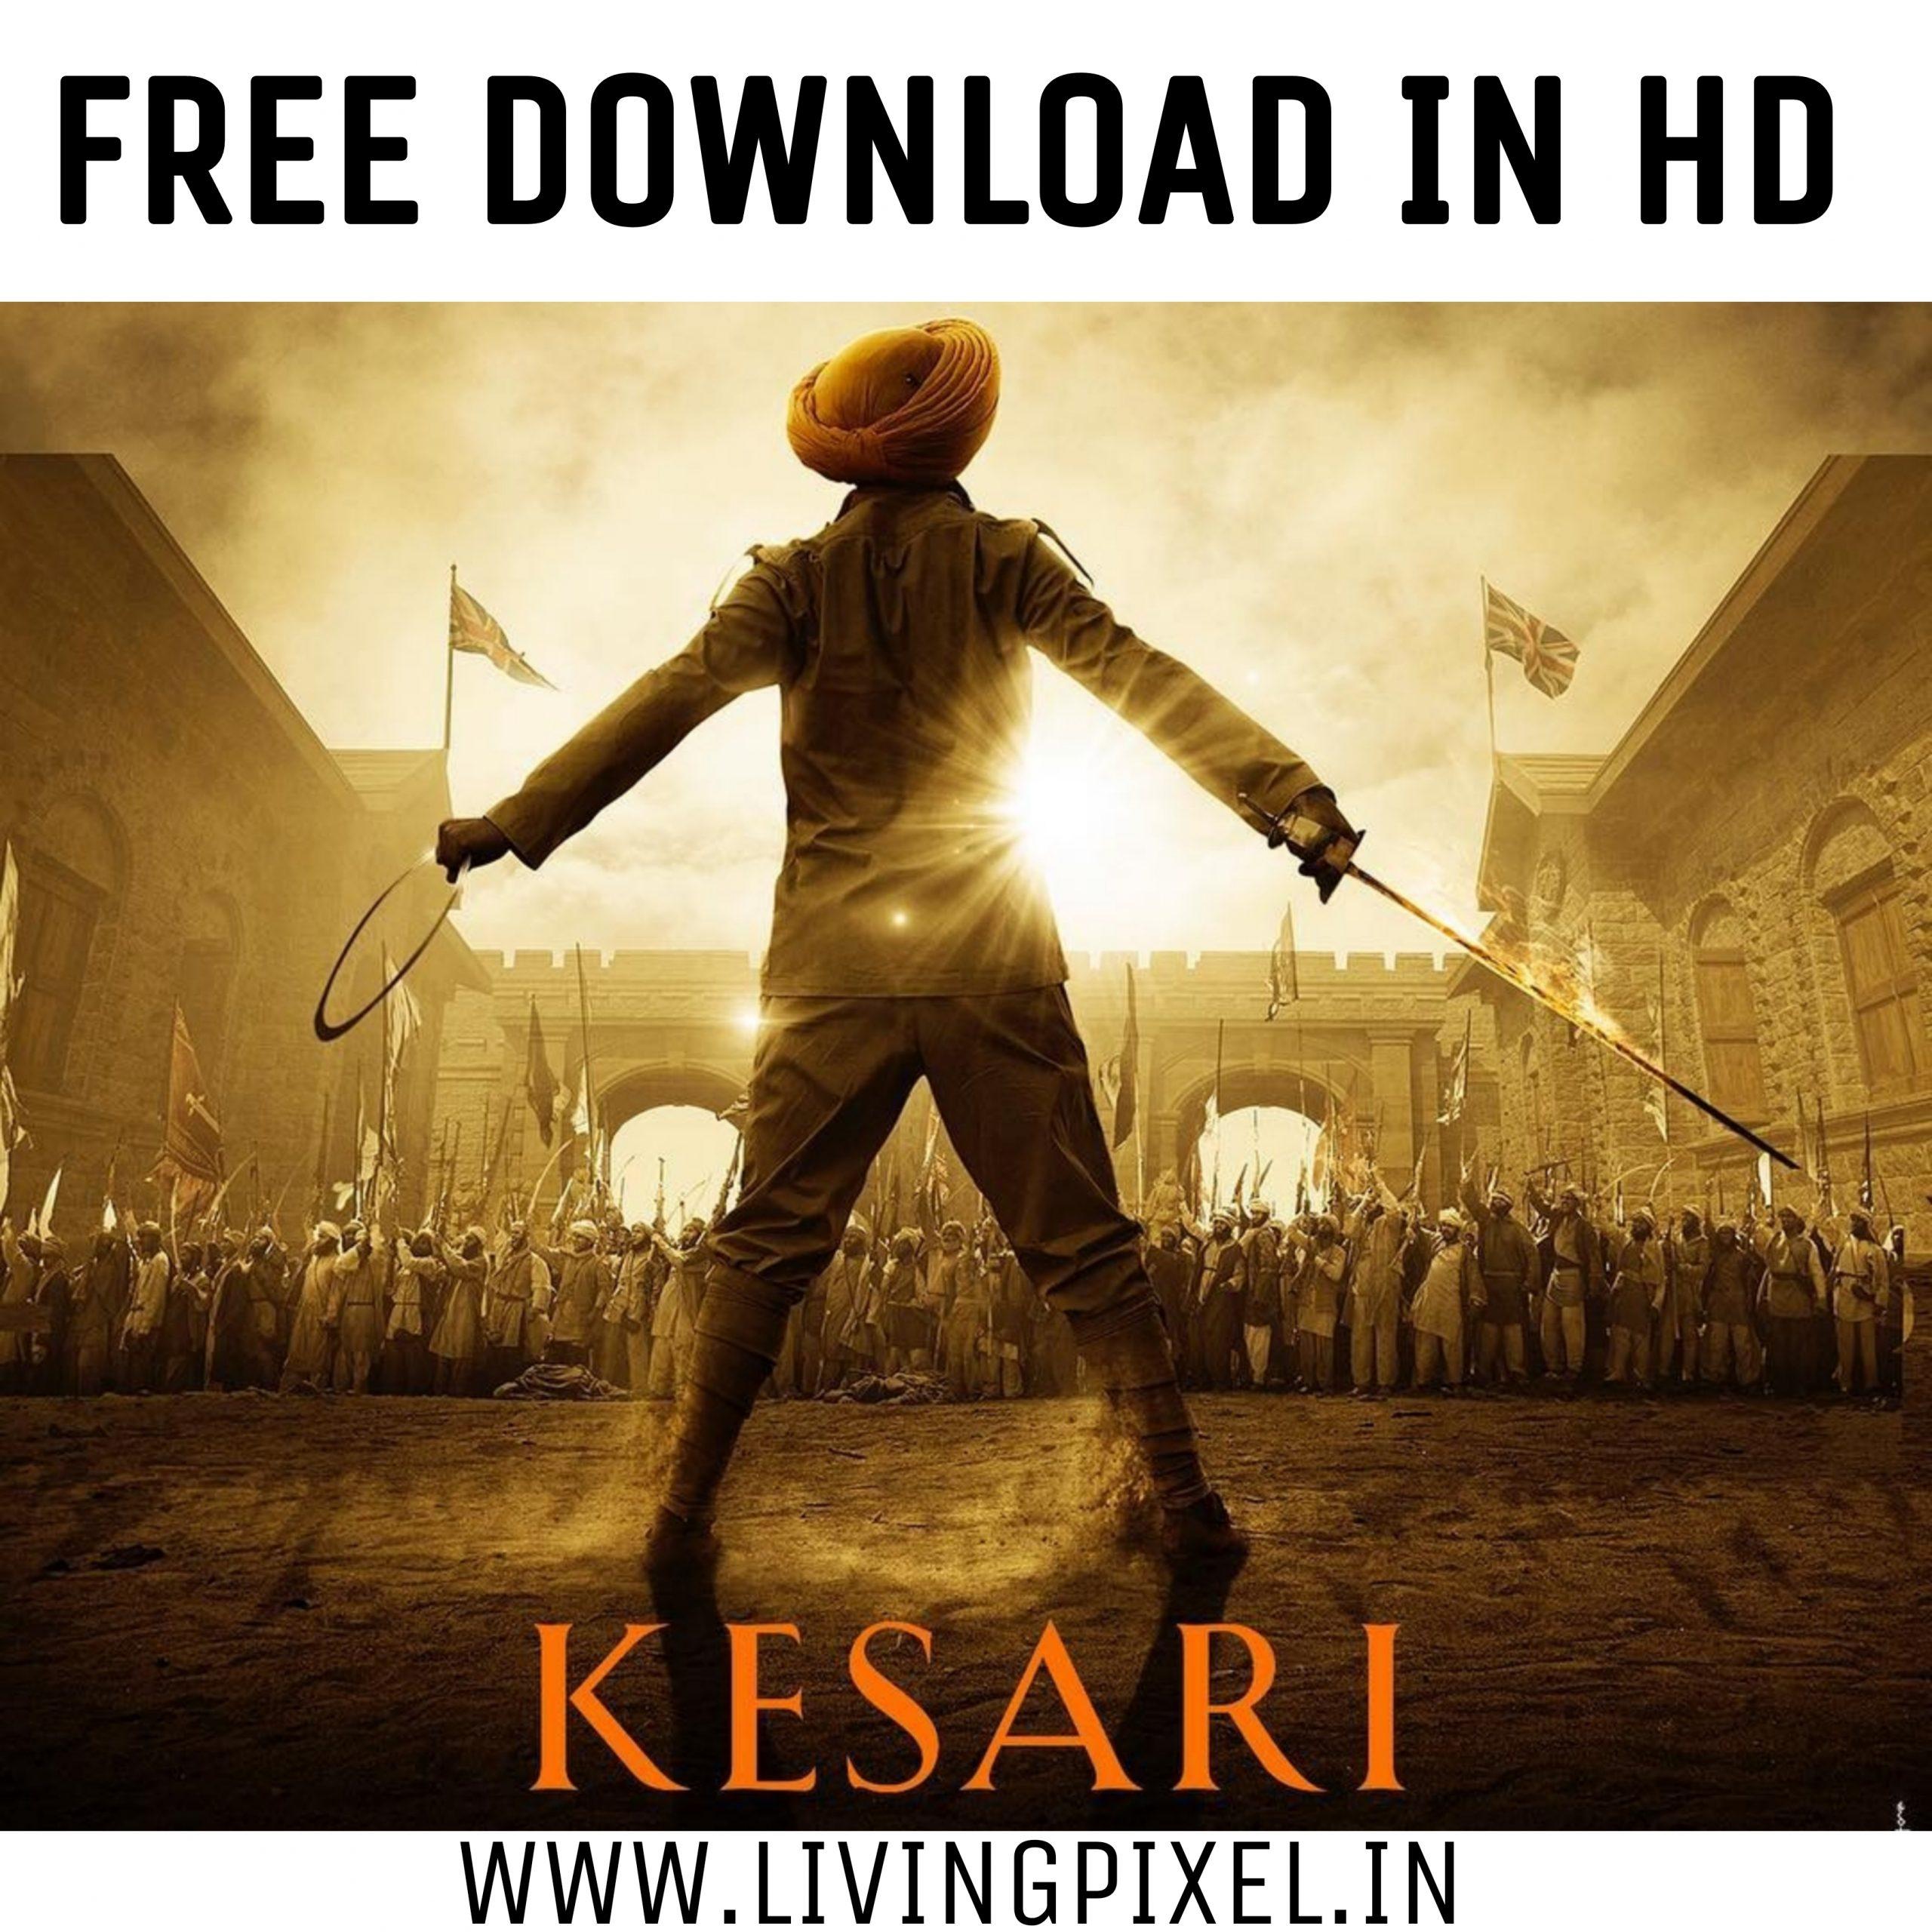 Kesari movie download Bollyshare in HD